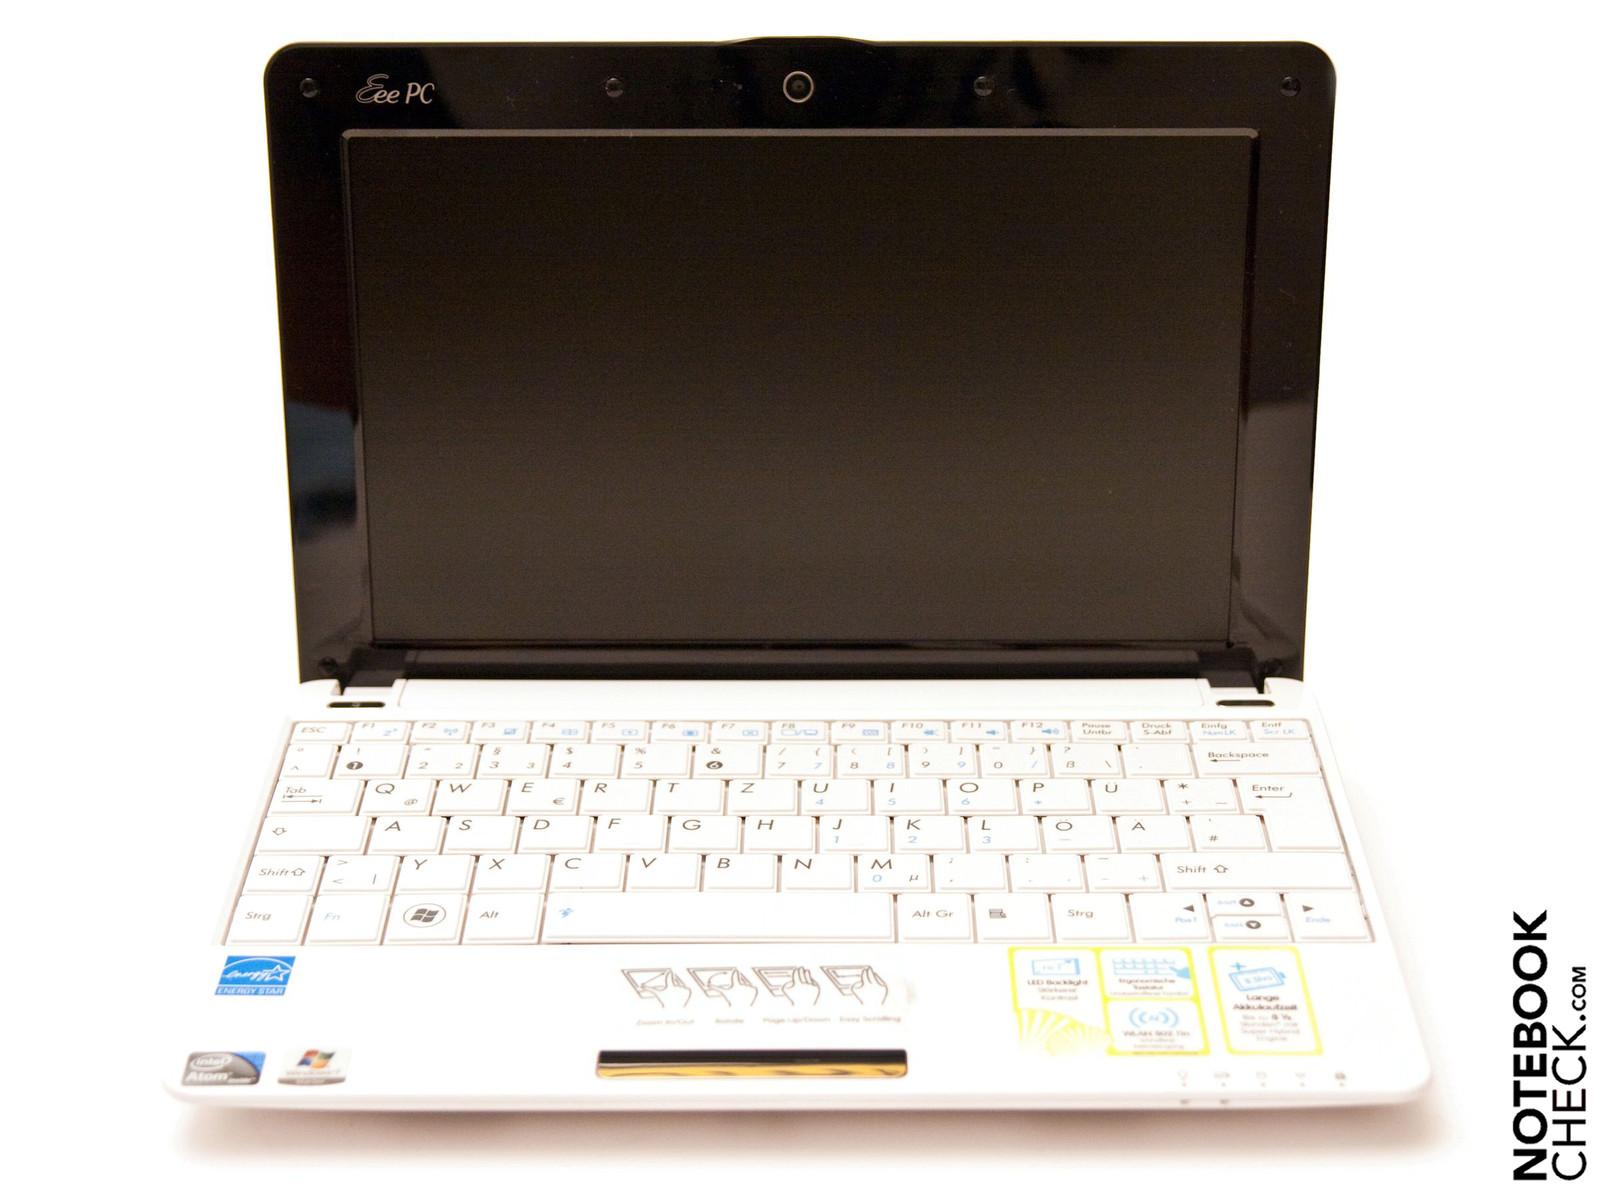 Driver UPDATE: Asus Eee PC 1005HA Netbook Hotkey